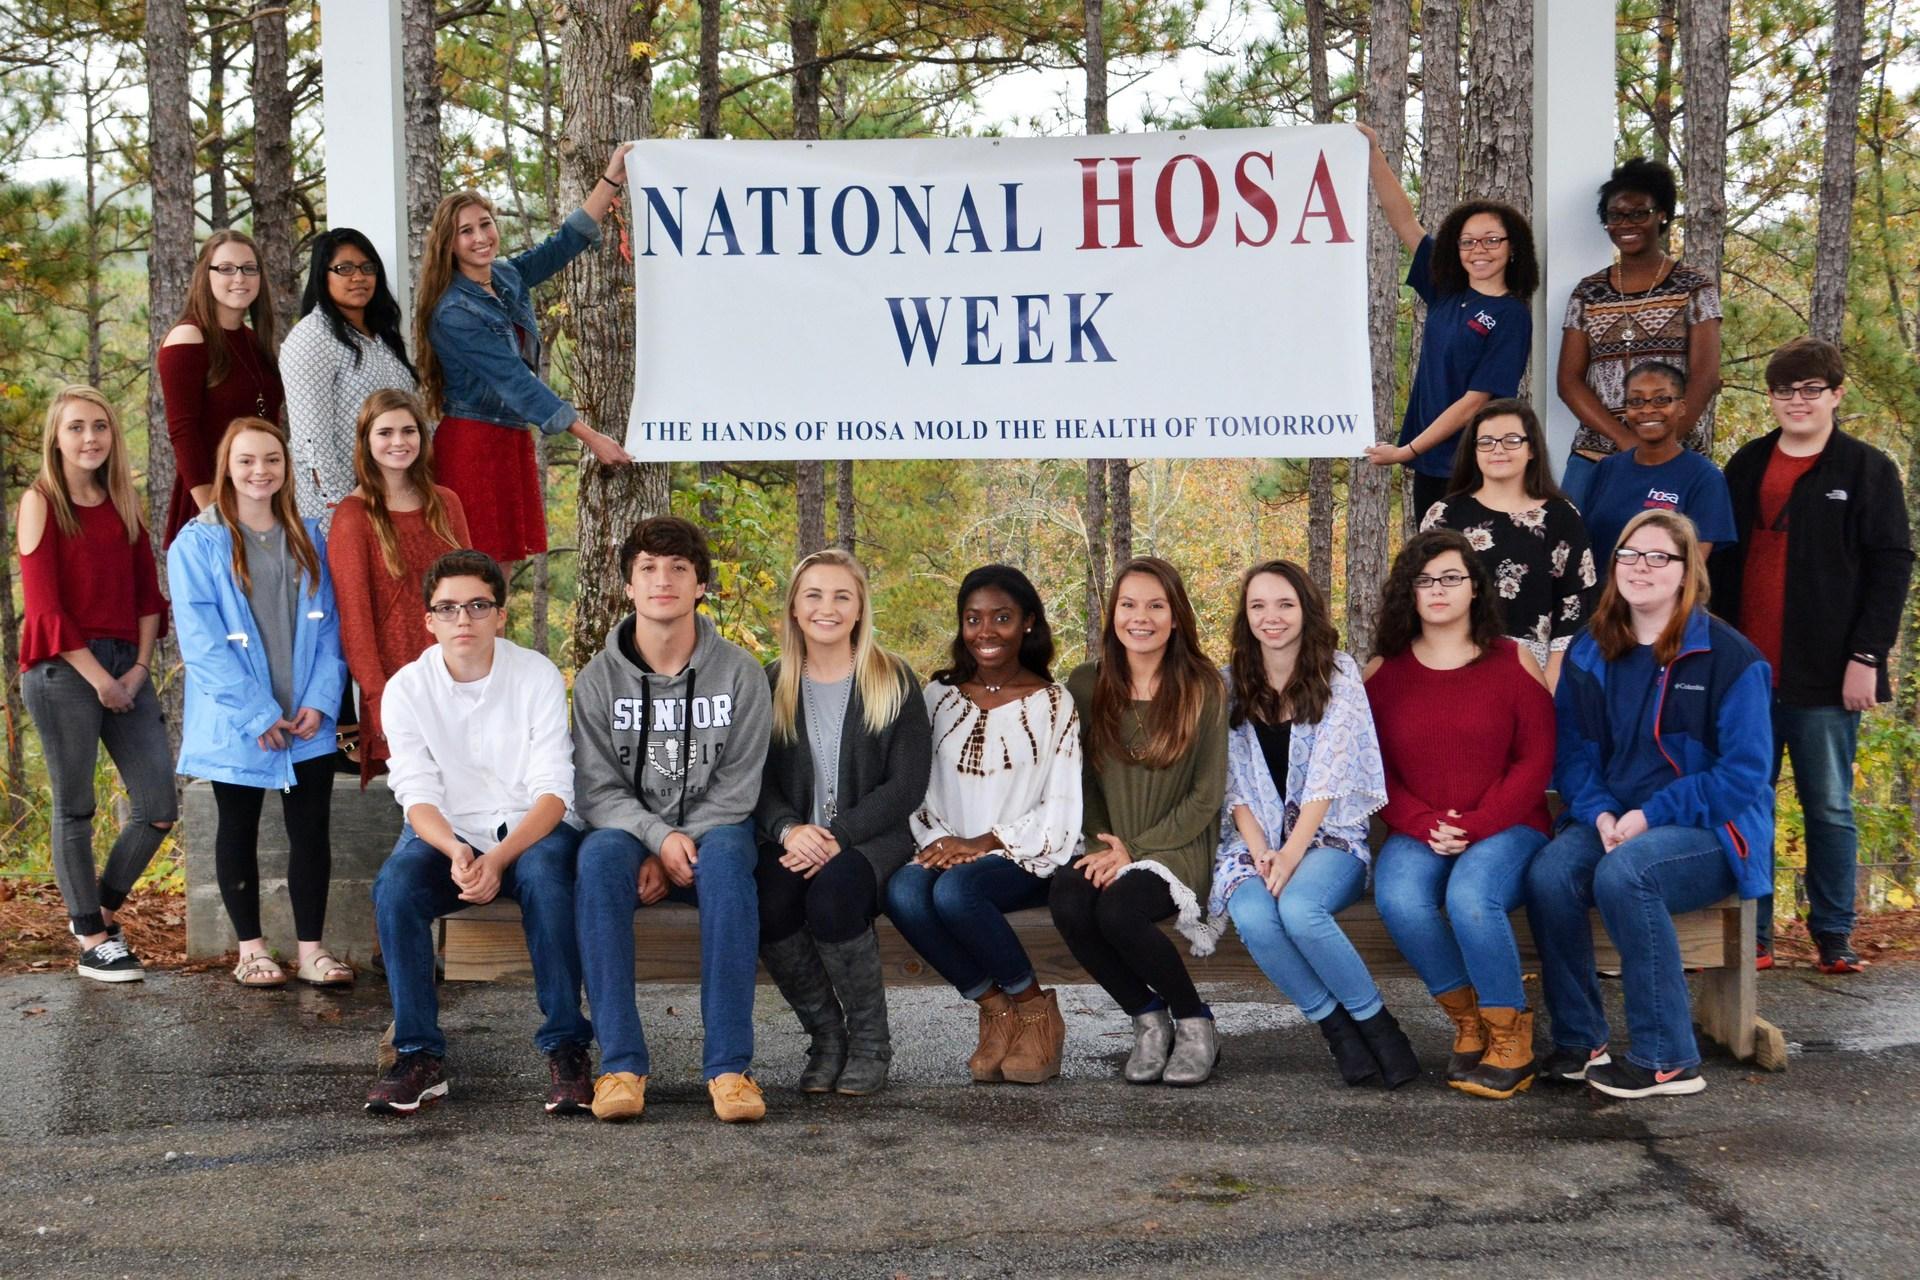 HOSA group photo